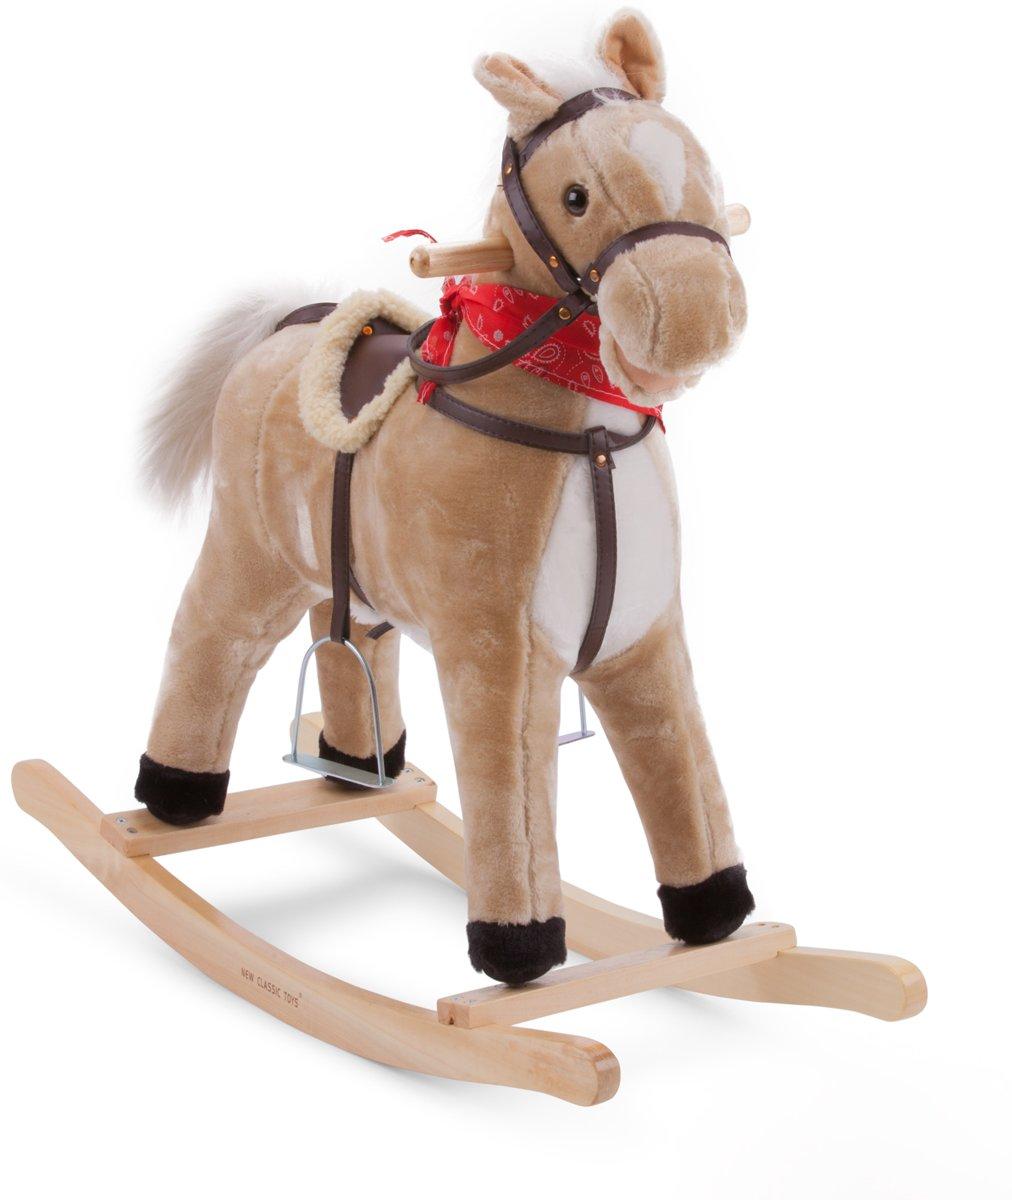 New Classic Toys - Hobbelpaard - Lichtbruin - Zithoogte is 50 cm - Maakt Geluid